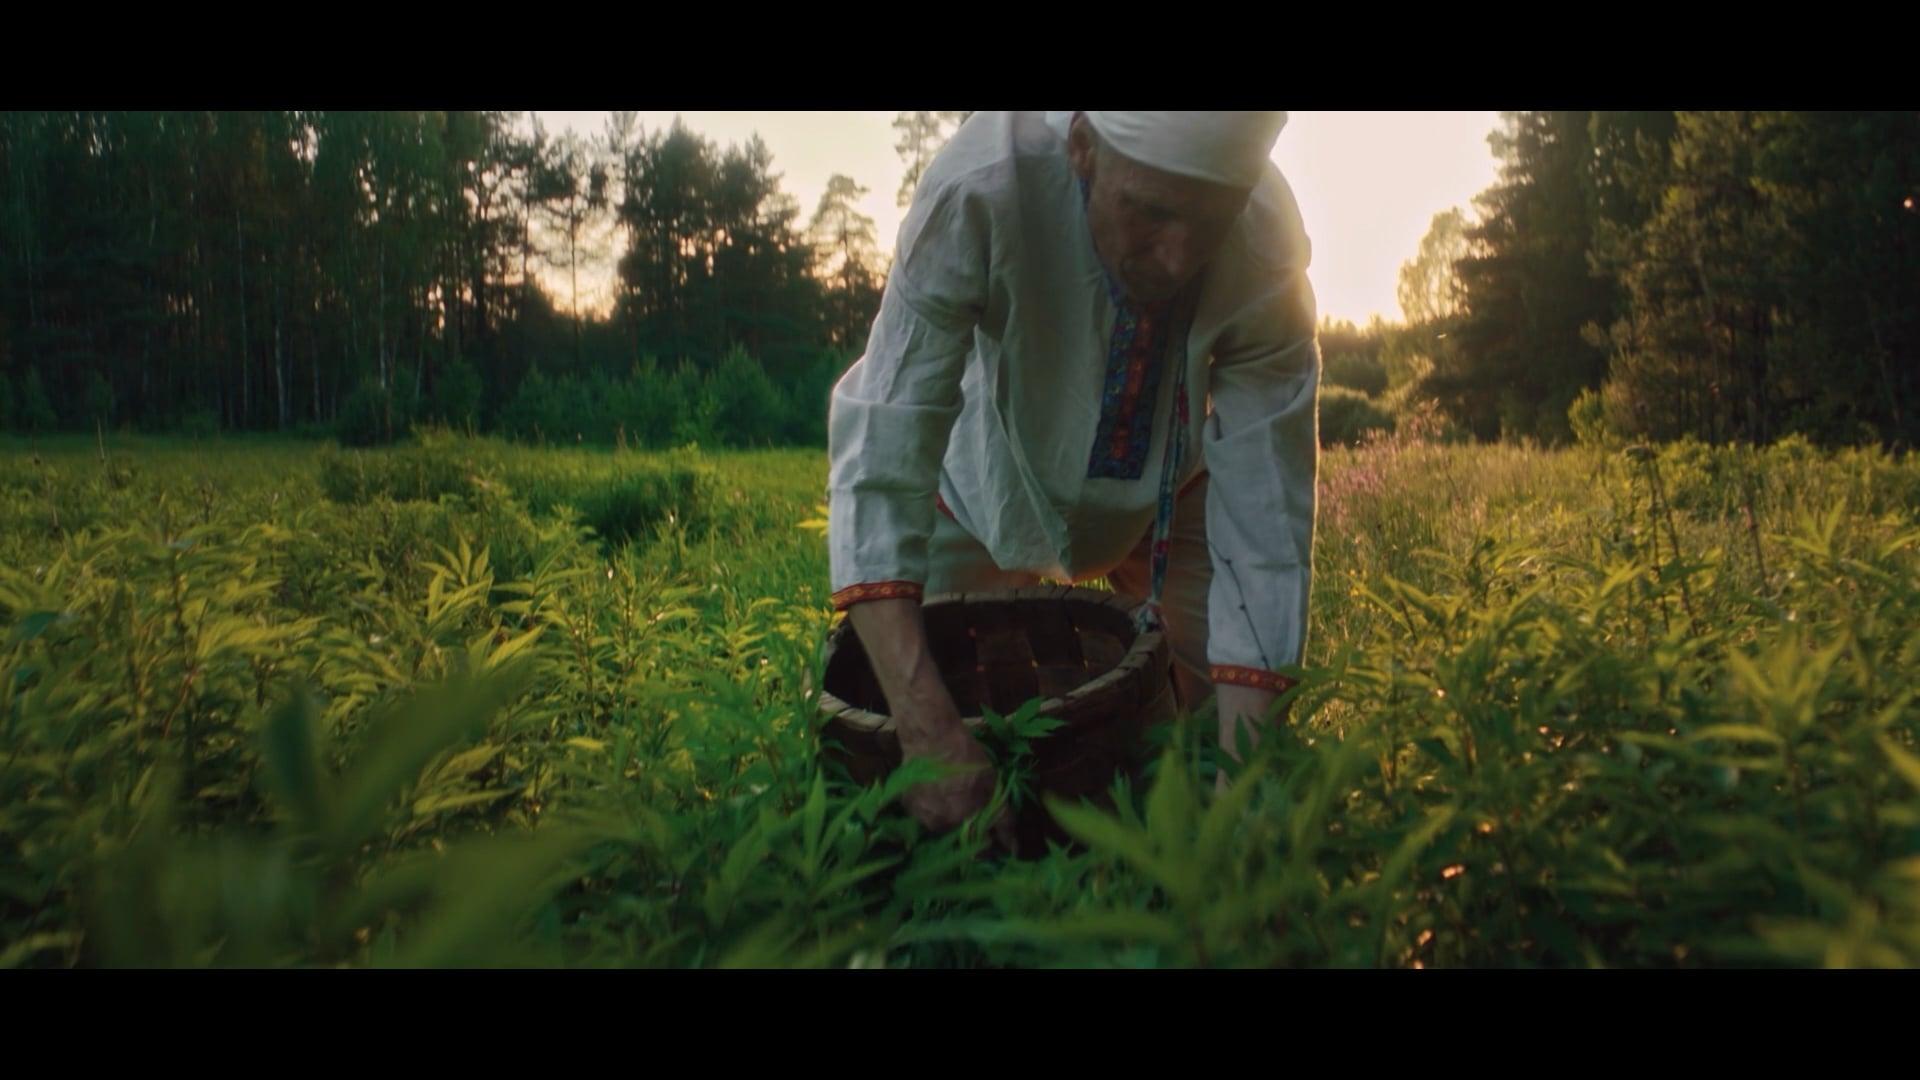 РСХБ2020. 20 ЛЕТ РОСТА. Документальный фильм про сельское хозяйство России